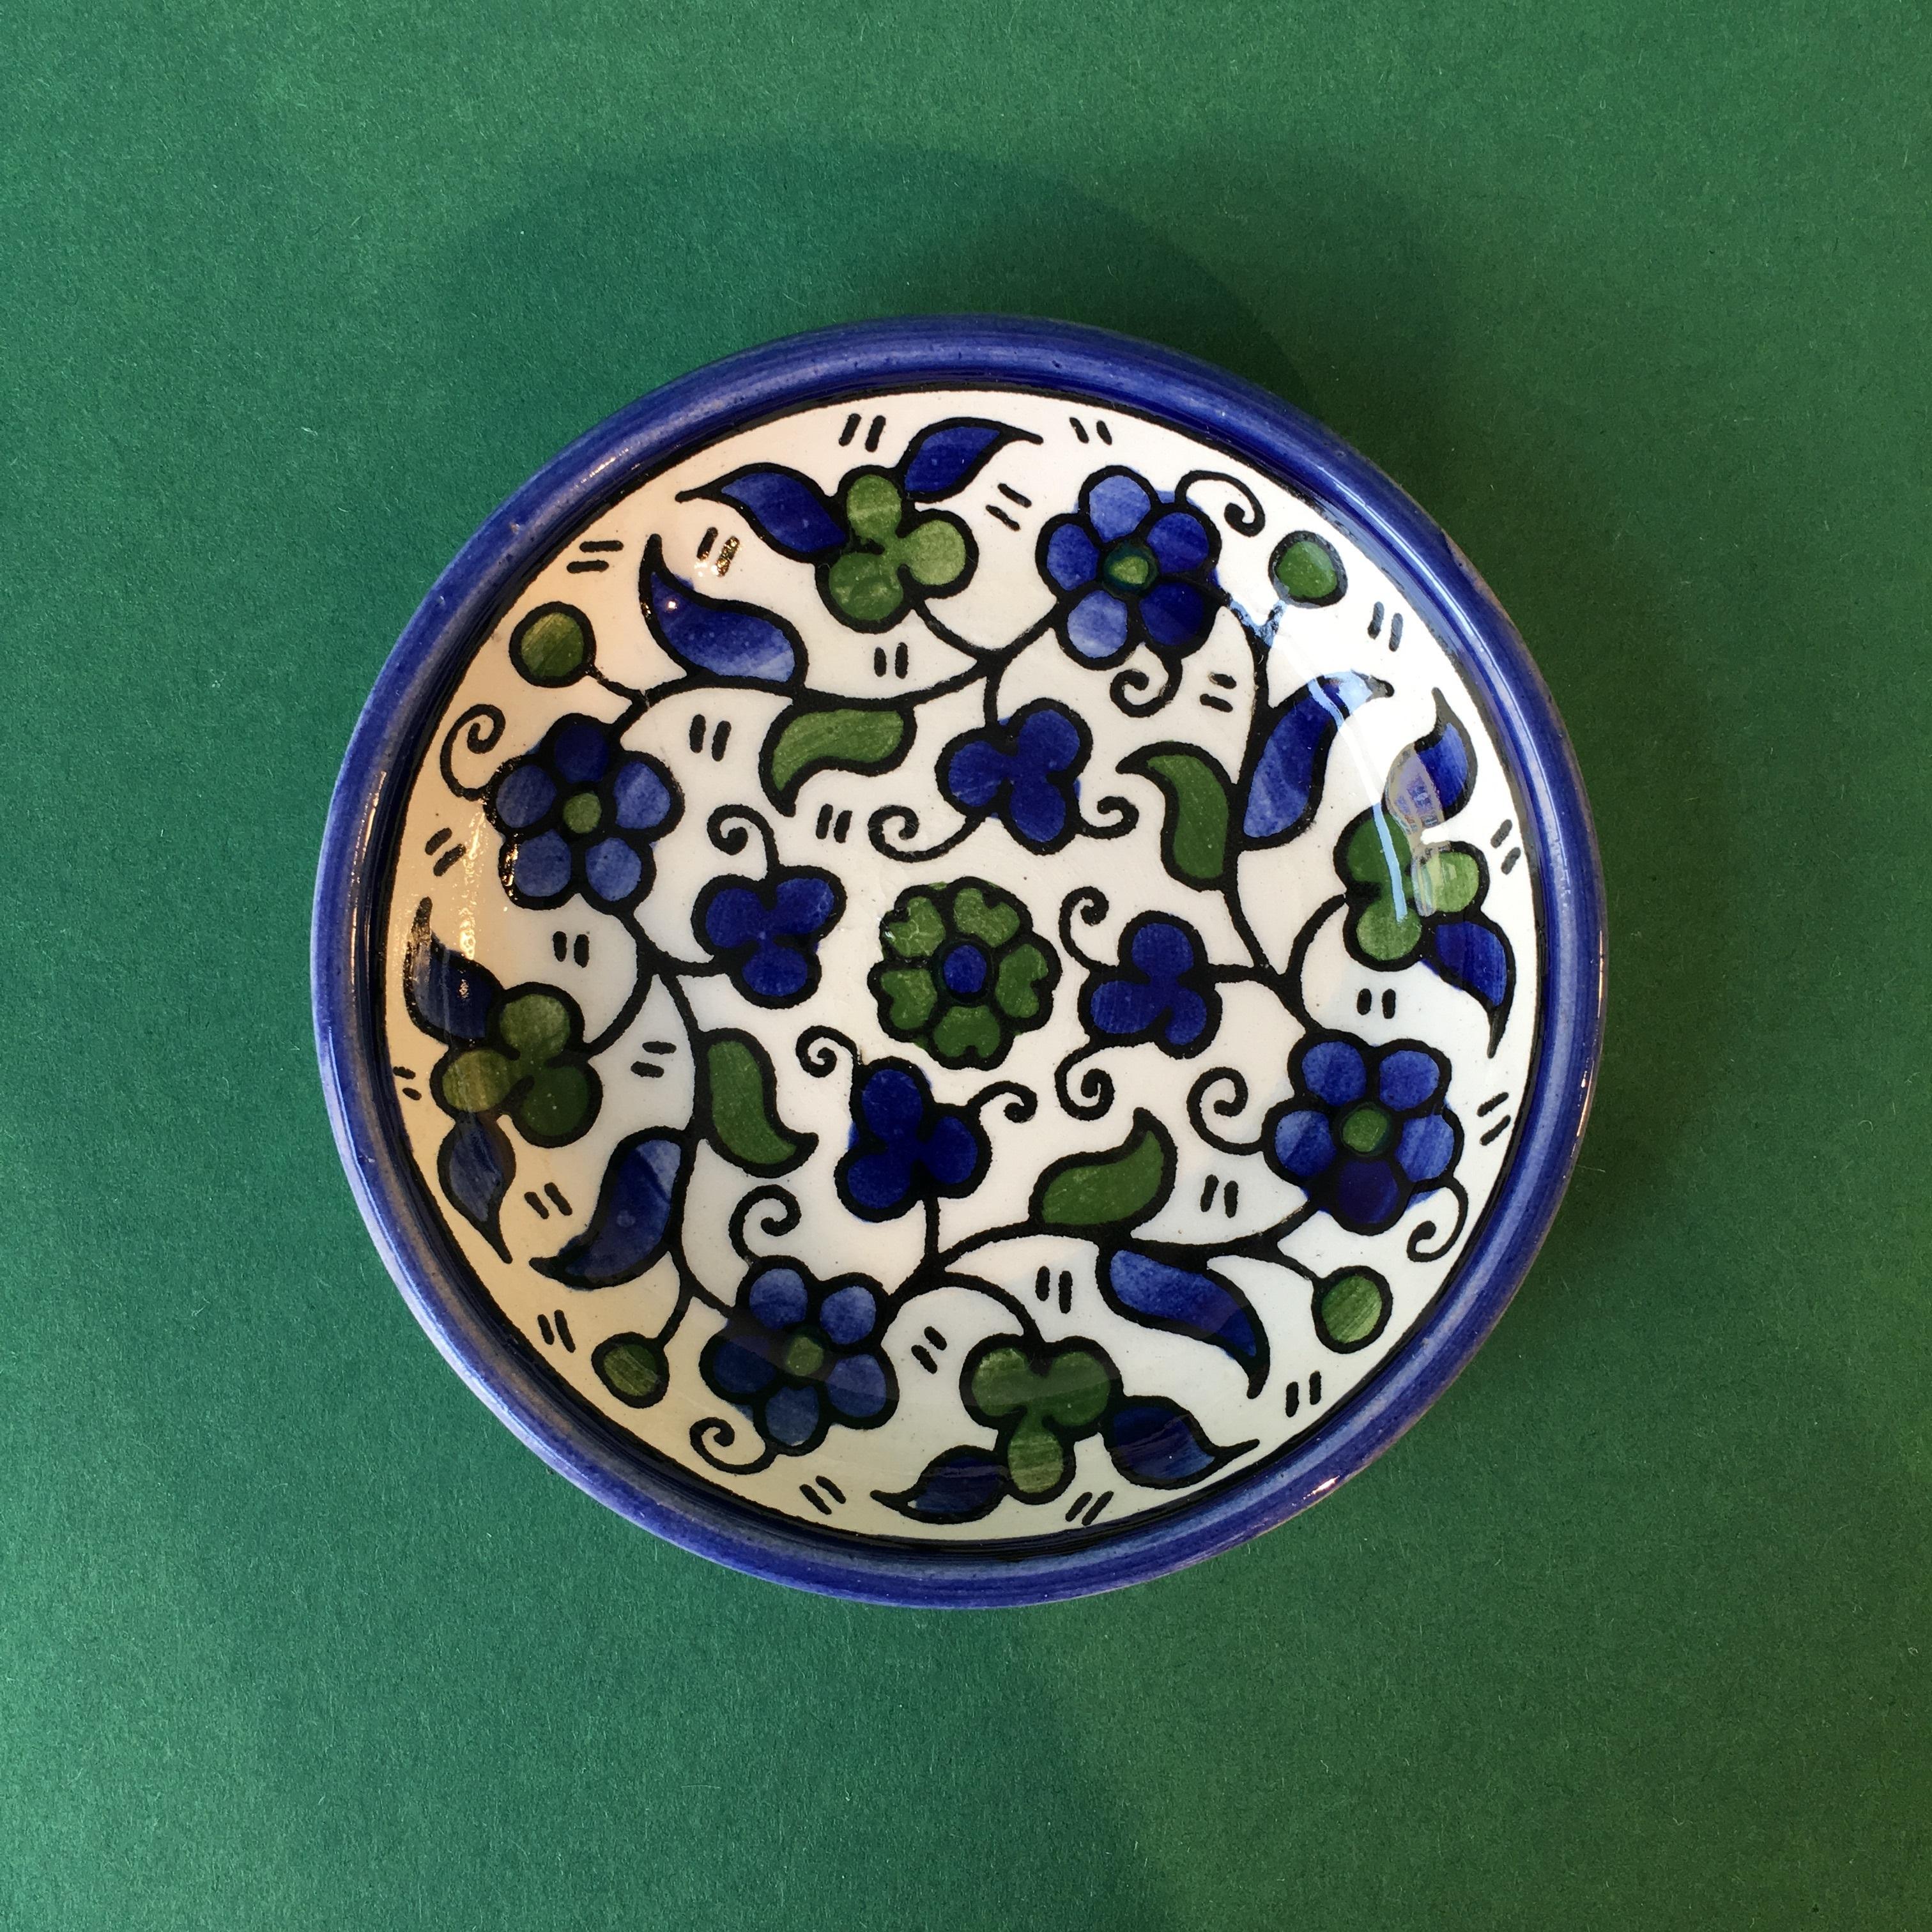 Mini keramikkskål, blå og grønn